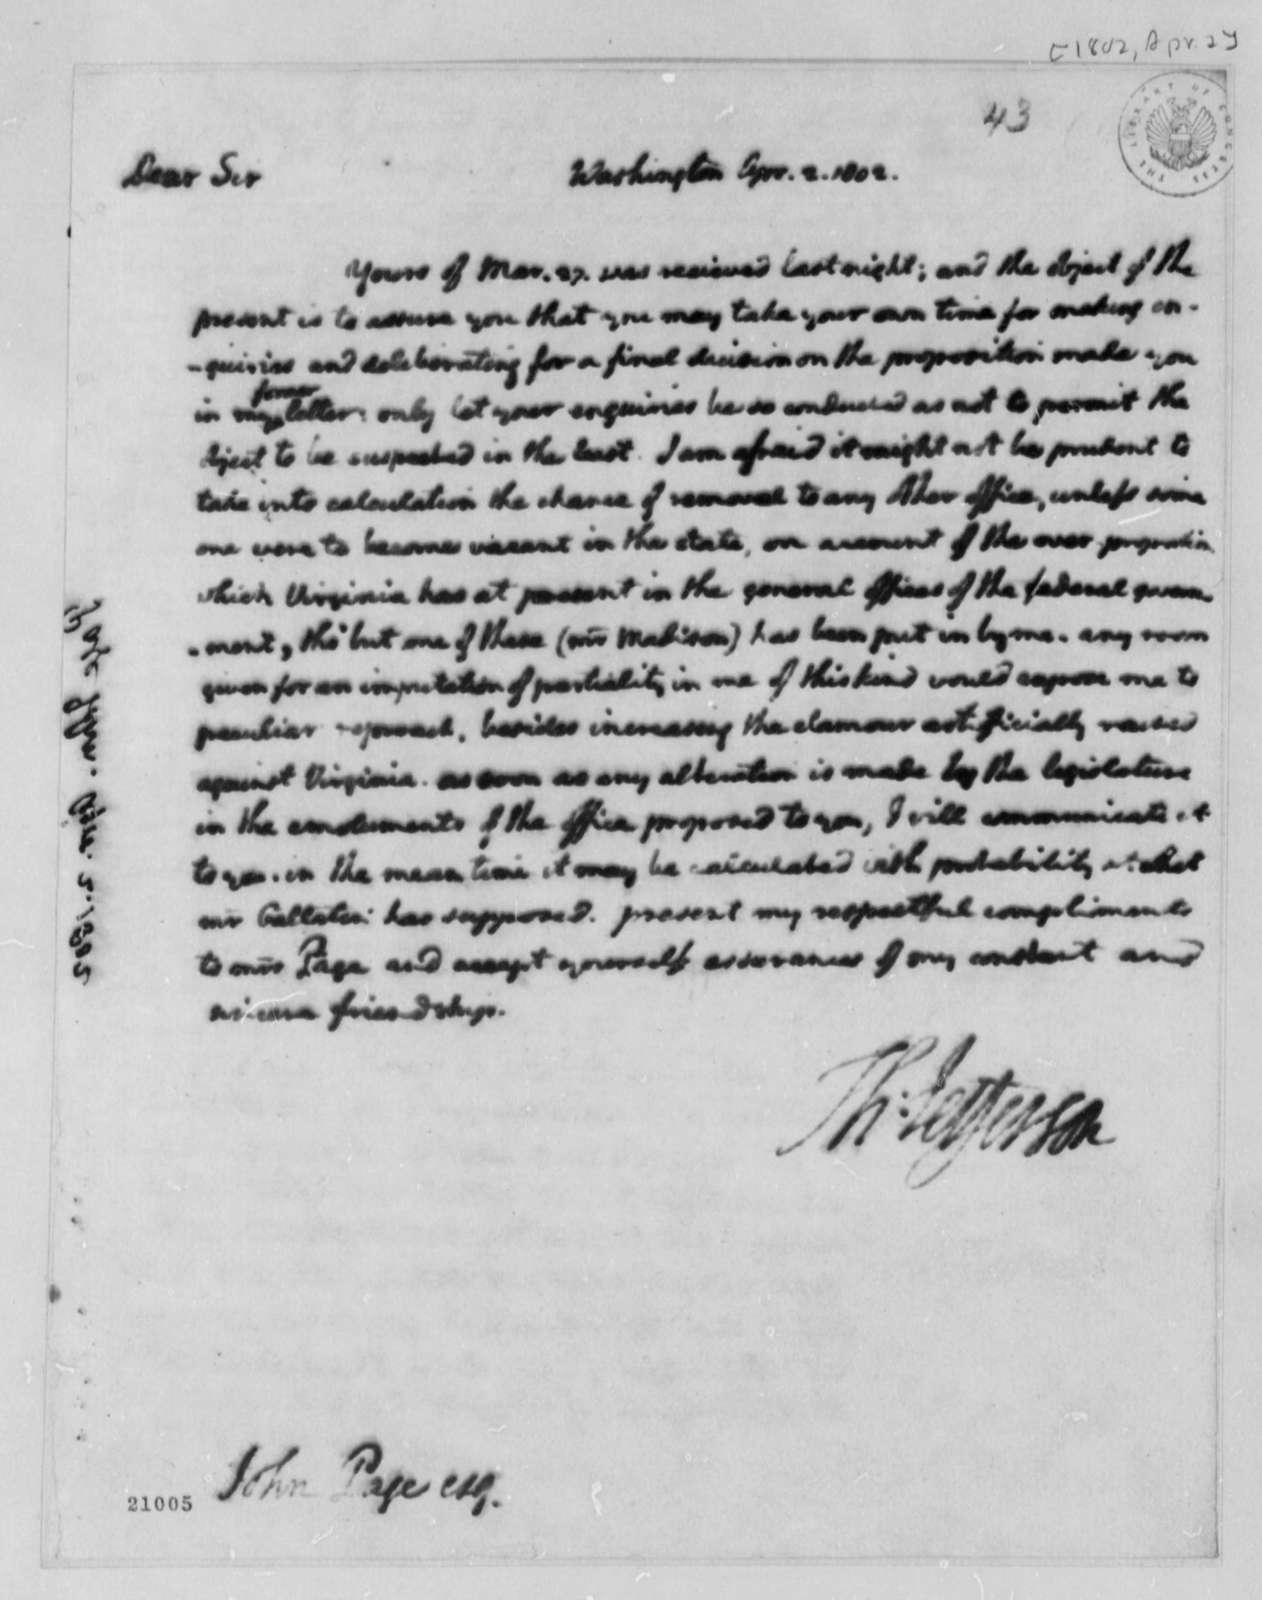 Thomas Jefferson to John Page, April 2, 1802